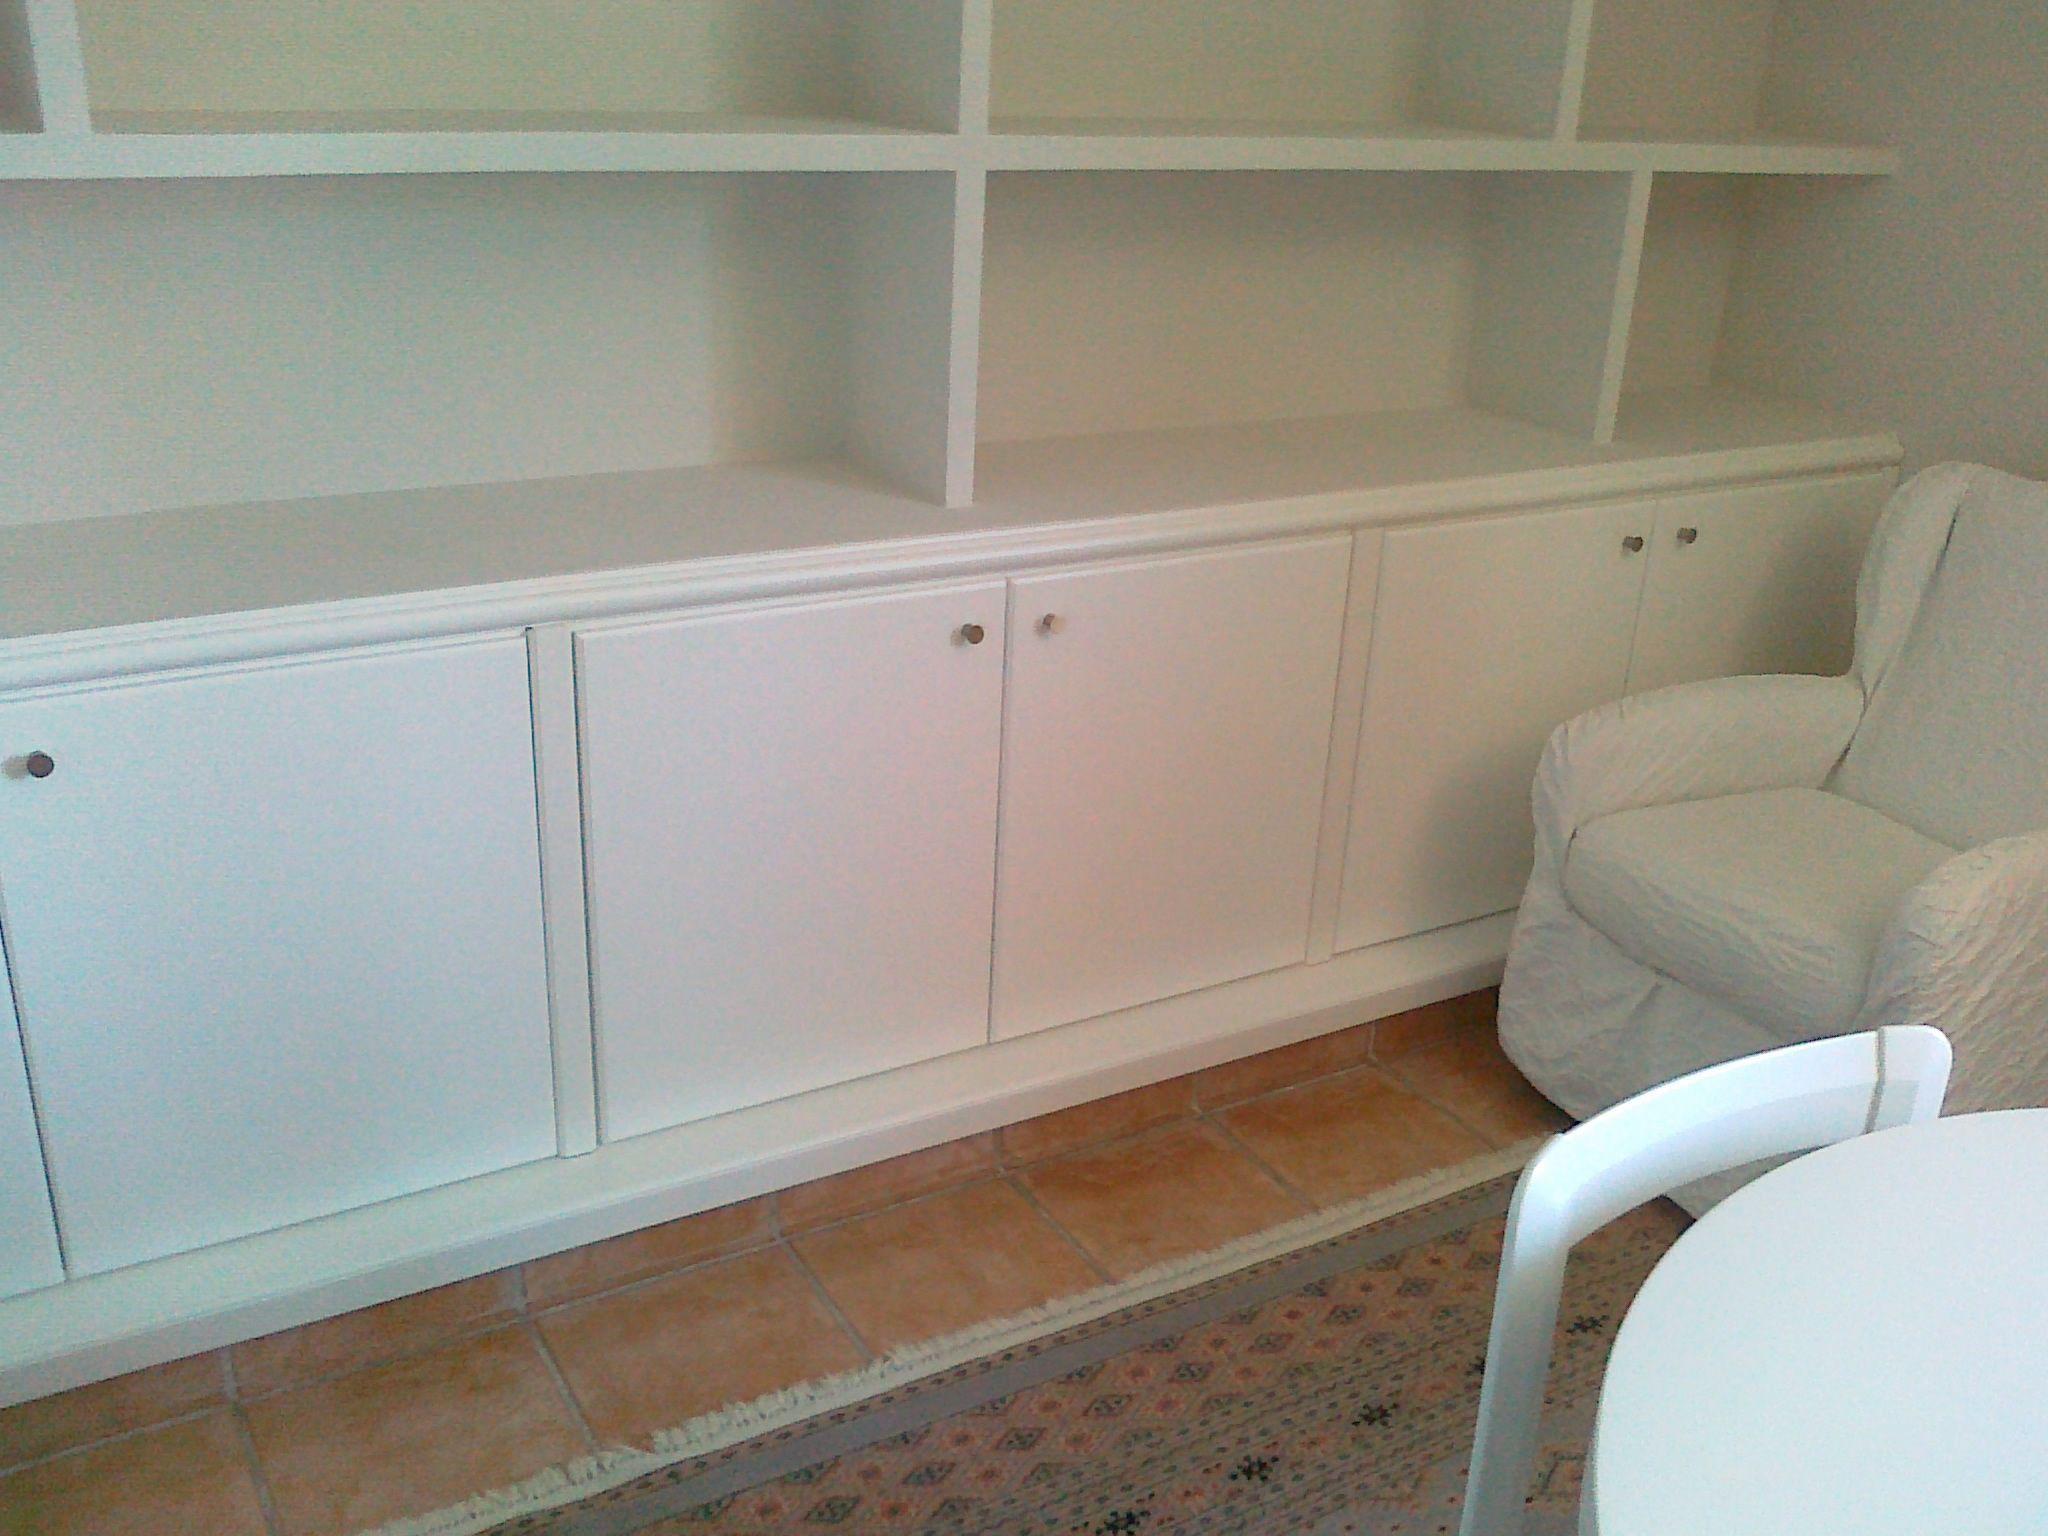 Restaurar muebles viejos latest imagen relacionada with for Restaurar muebles de madera viejos